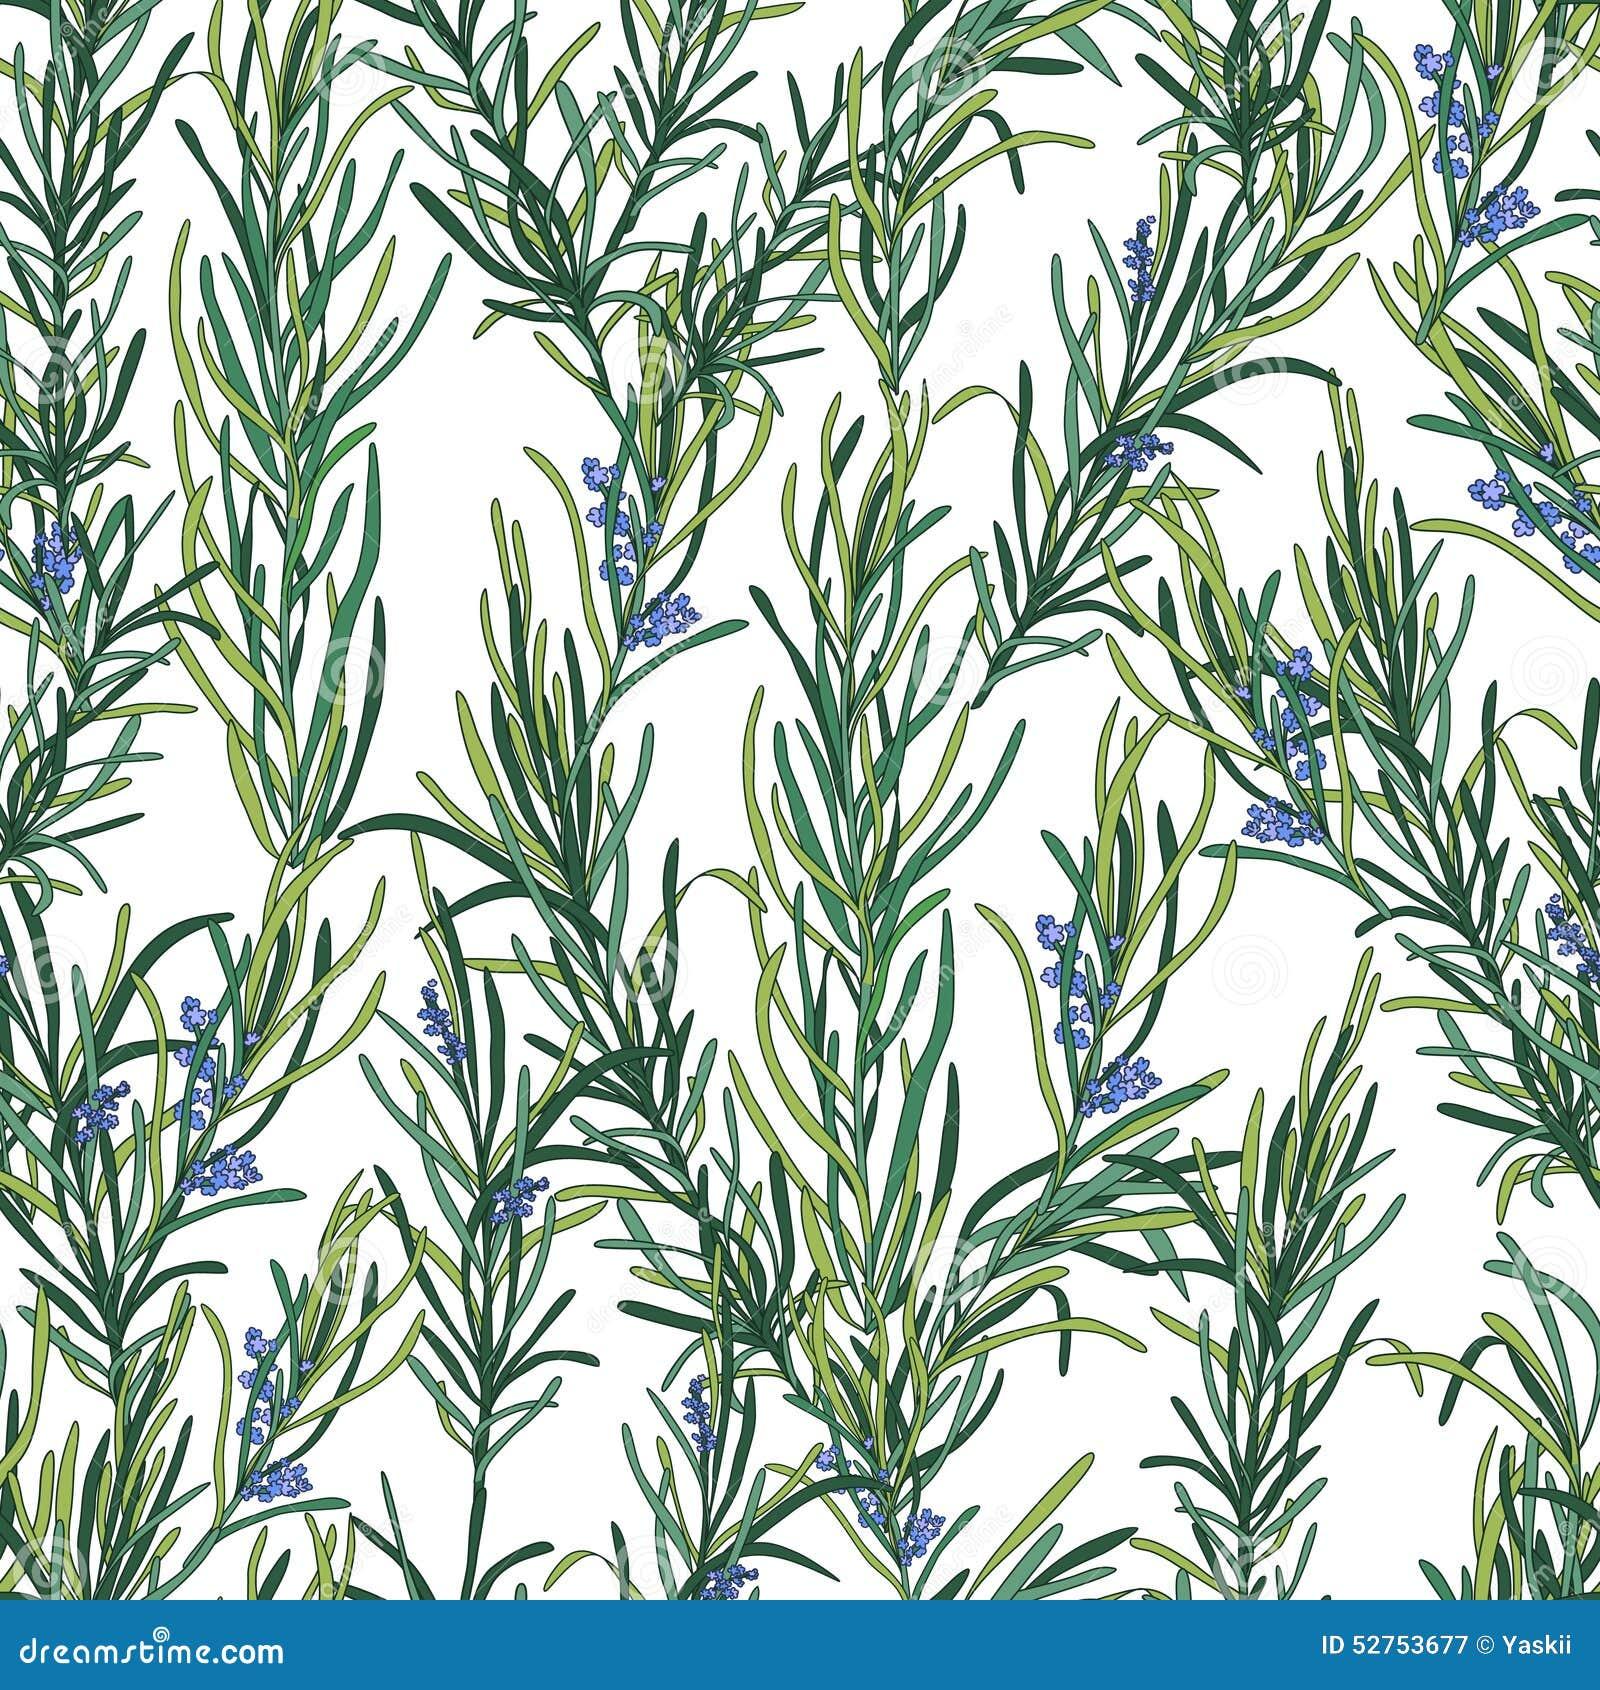 Картина травы Розмари Иллюстрация ...: ru.dreamstime.com/иллюстрация-Ñ...